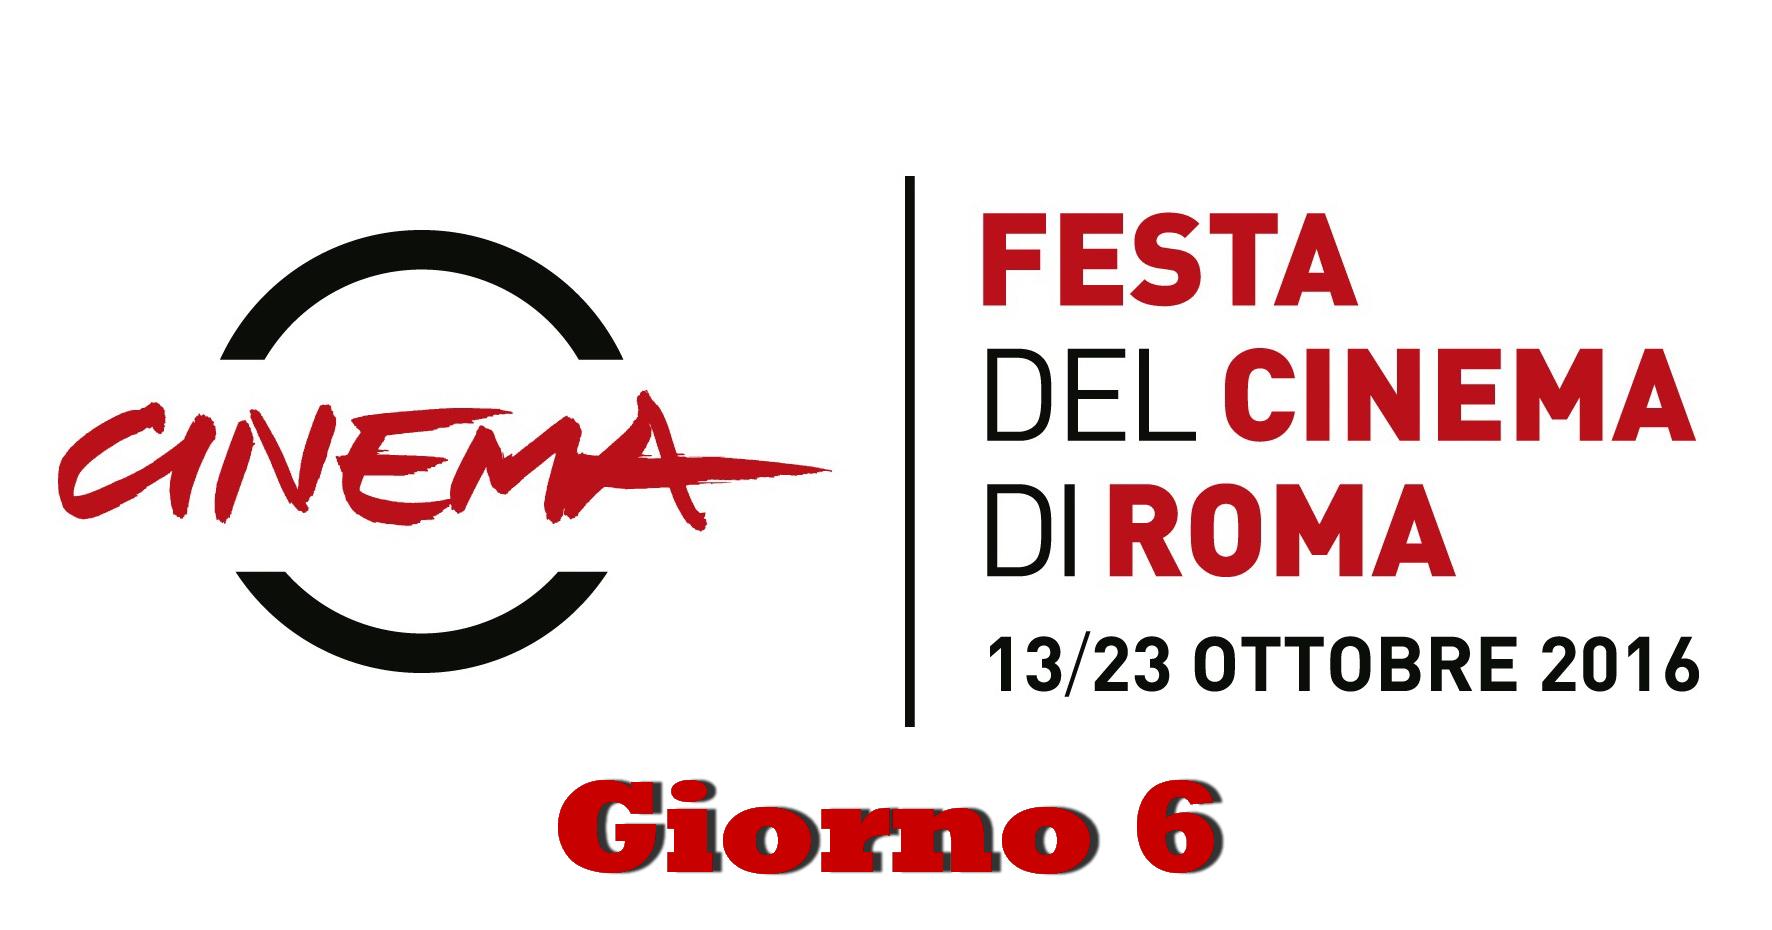 Eccoci anche oggi per parlare di quanto accaduto nella sesta giornata della Festa del Cinema di Roma. Nella Selezione Ufficiale ben cinque i film presentati. Iniziamo dall'atteso The Accountant di […]